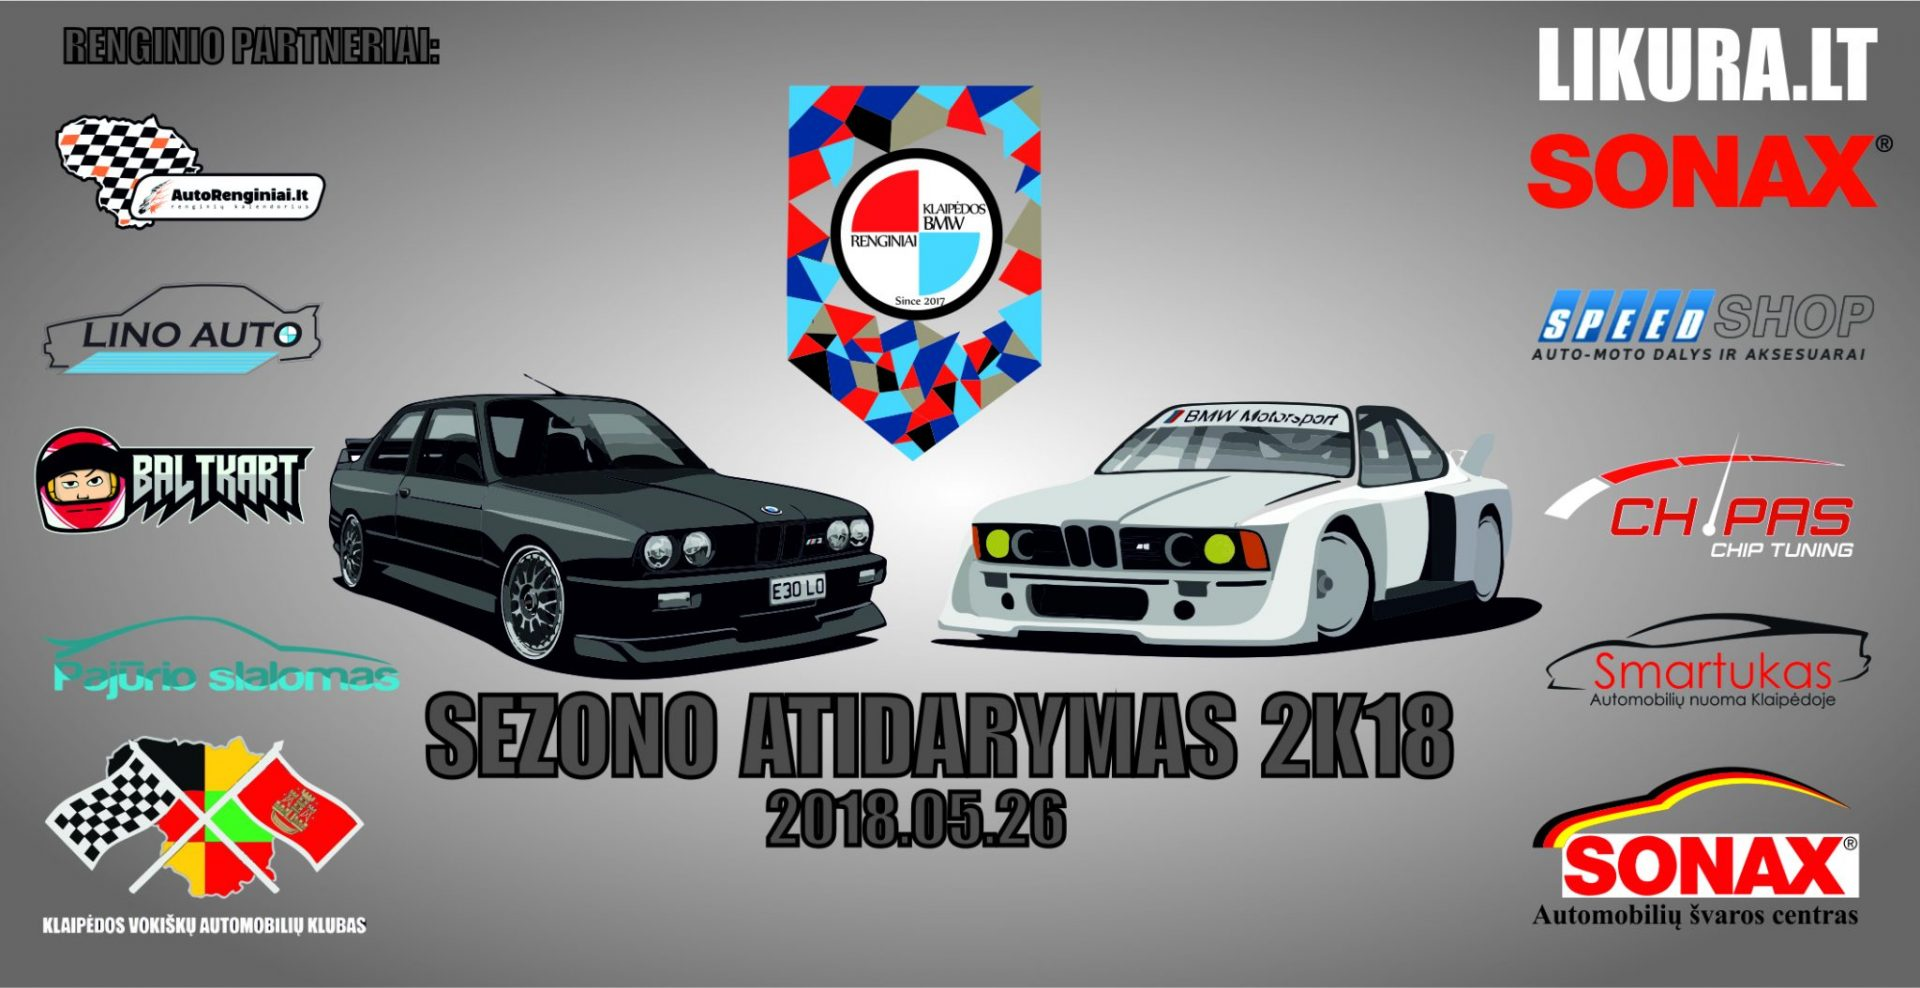 Klaipėdos BMW renginiai Sezono atidarymas 2k18